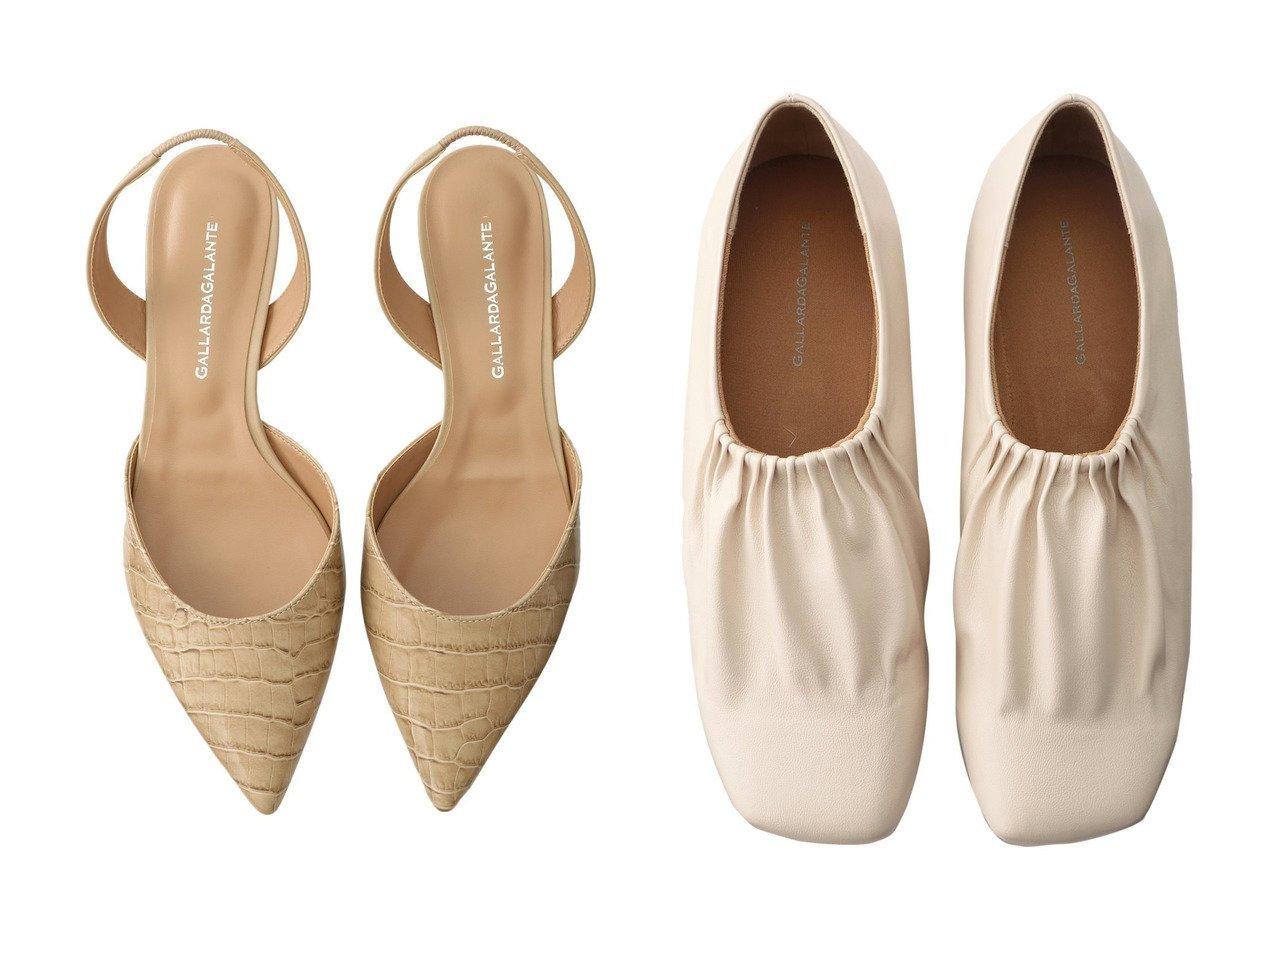 【GALLARDAGALANTE/ガリャルダガランテ】のギャザースリッポン&ポインテッドスリングバックシューズ シューズ・靴のおすすめ!人気、トレンド・レディースファッションの通販 おすすめで人気の流行・トレンド、ファッションの通販商品 メンズファッション・キッズファッション・インテリア・家具・レディースファッション・服の通販 founy(ファニー) https://founy.com/ ファッション Fashion レディースファッション WOMEN バッグ Bag 2020年 2020 2020-2021 秋冬 A/W AW Autumn/Winter / FW Fall-Winter 2020-2021 2021年 2021 2021 春夏 S/S SS Spring/Summer 2021 シューズ スタイリッシュ フラット ラグジュアリー 春 A/W 秋冬 AW Autumn/Winter / FW Fall-Winter |ID:crp329100000009778